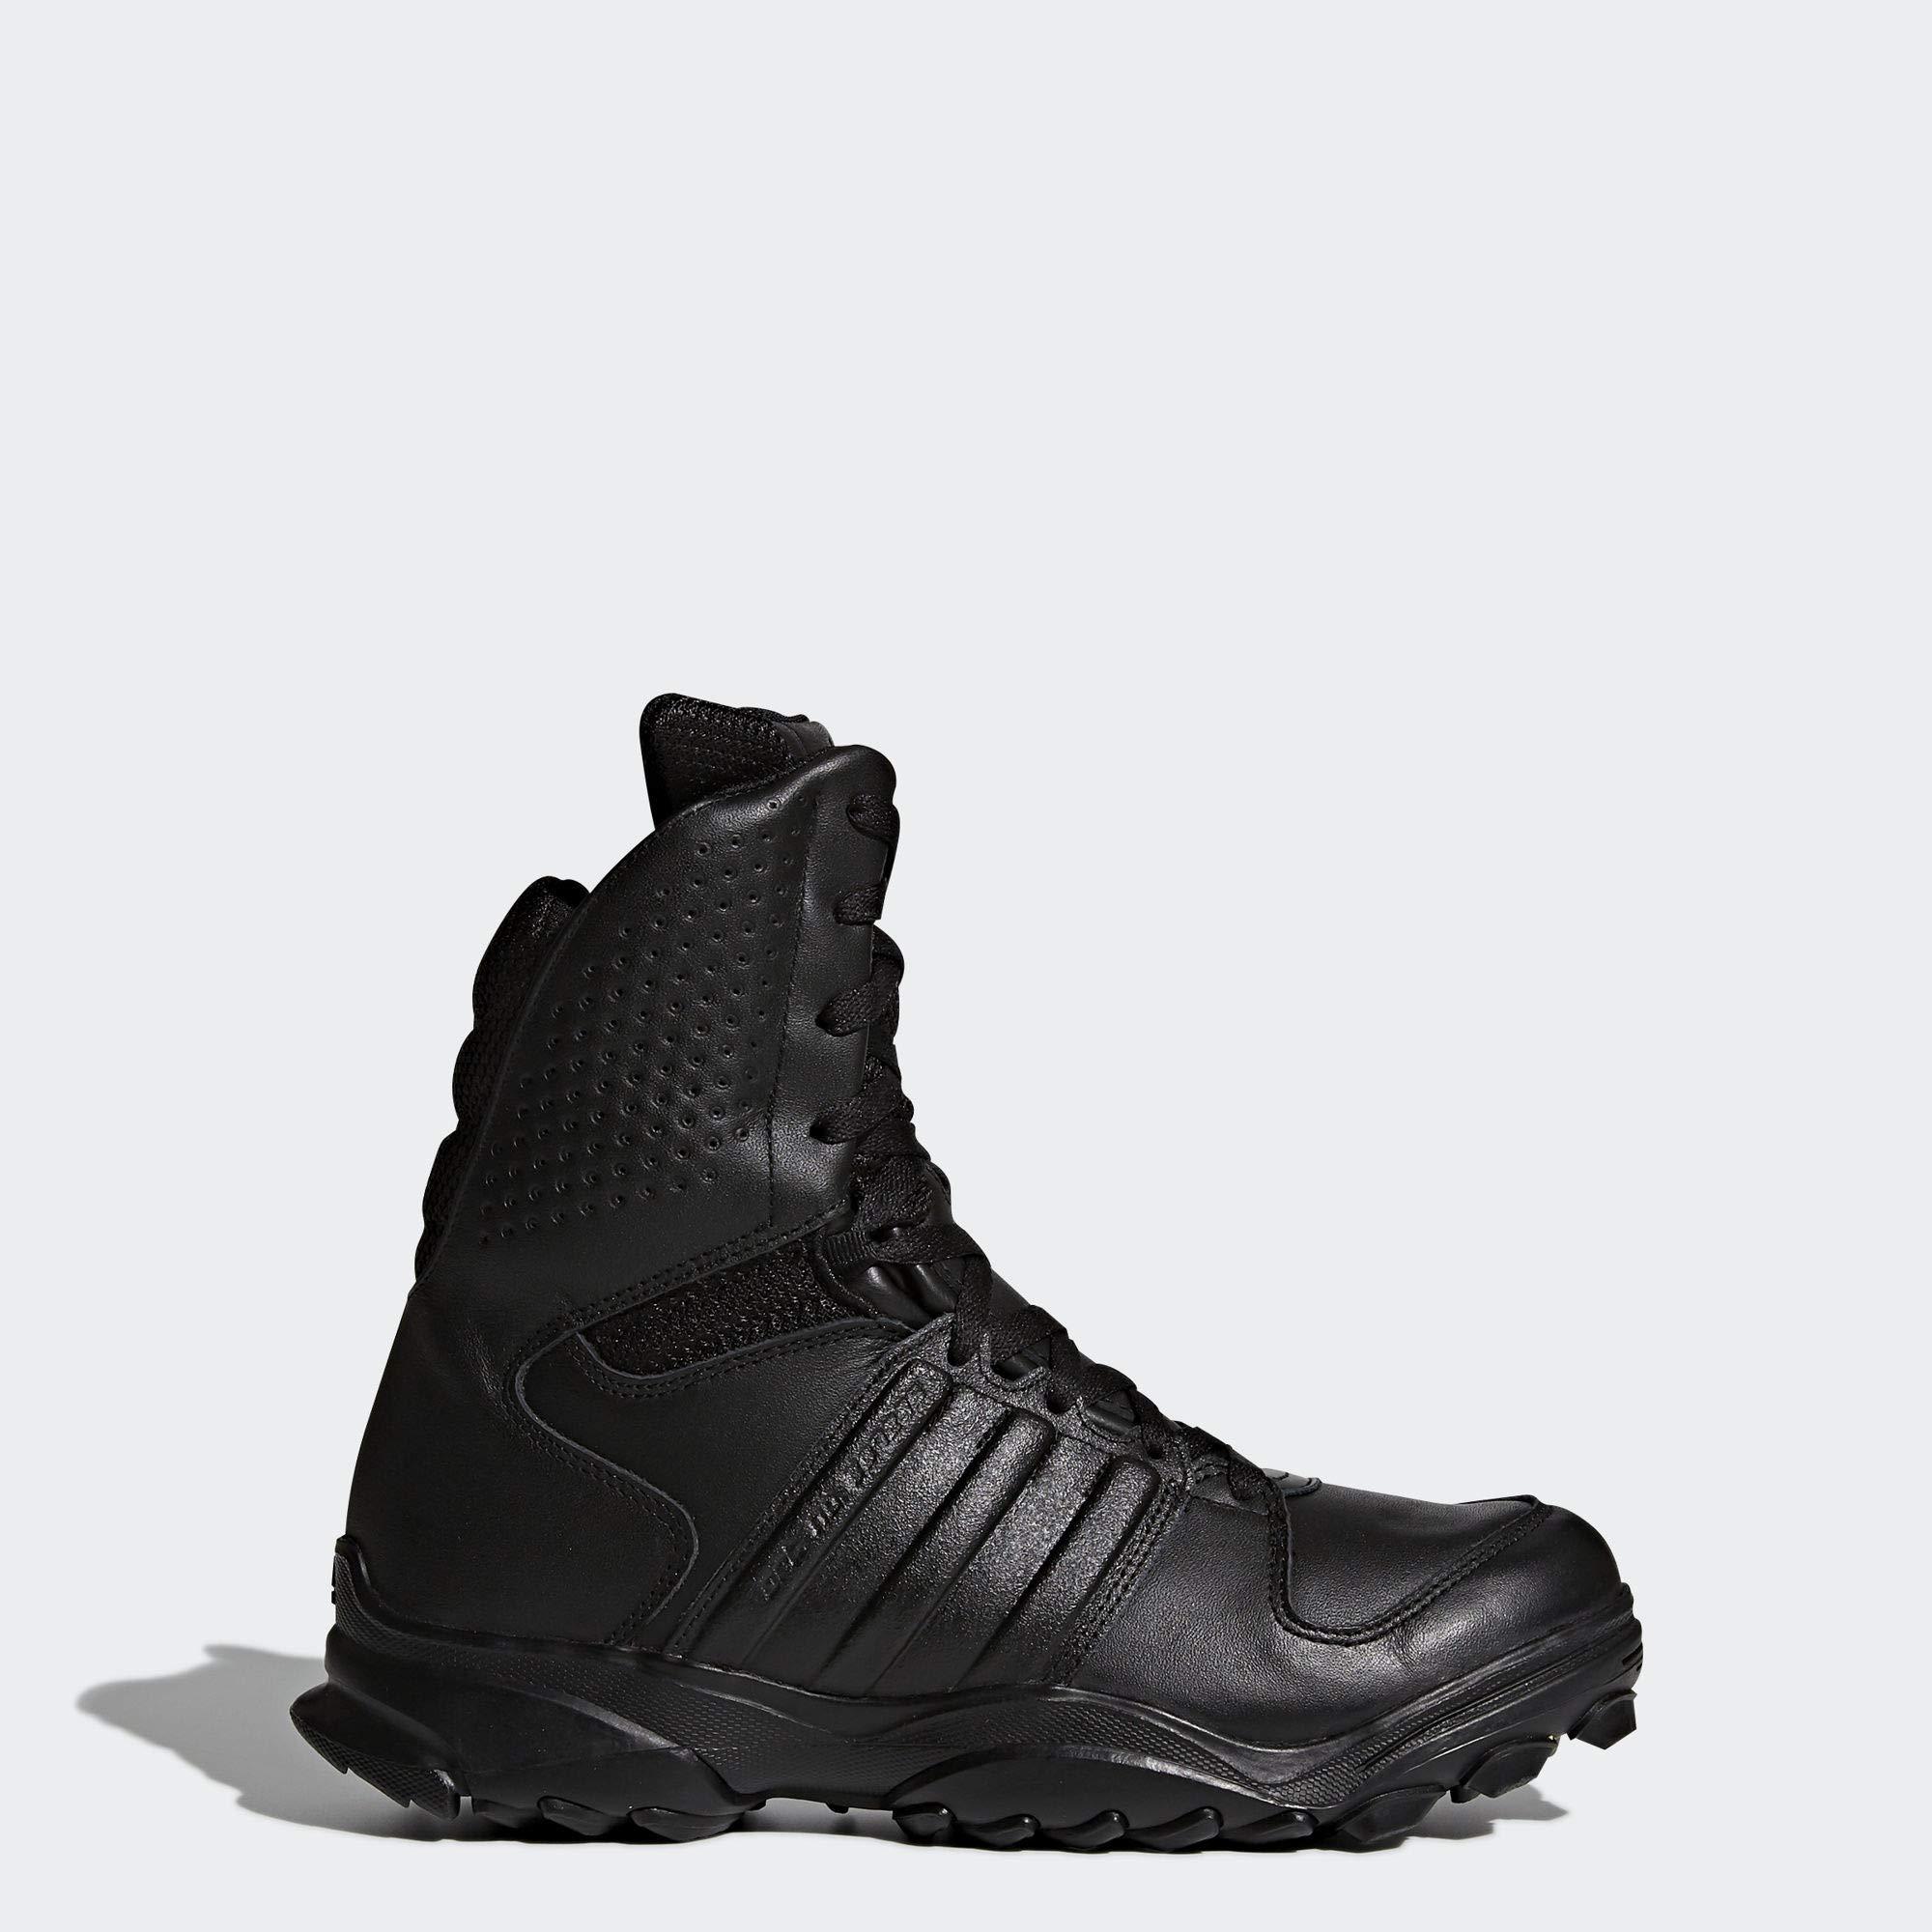 adidas Men's GSG-9.2 Training Shoes, Black, ((9 M US) by adidas